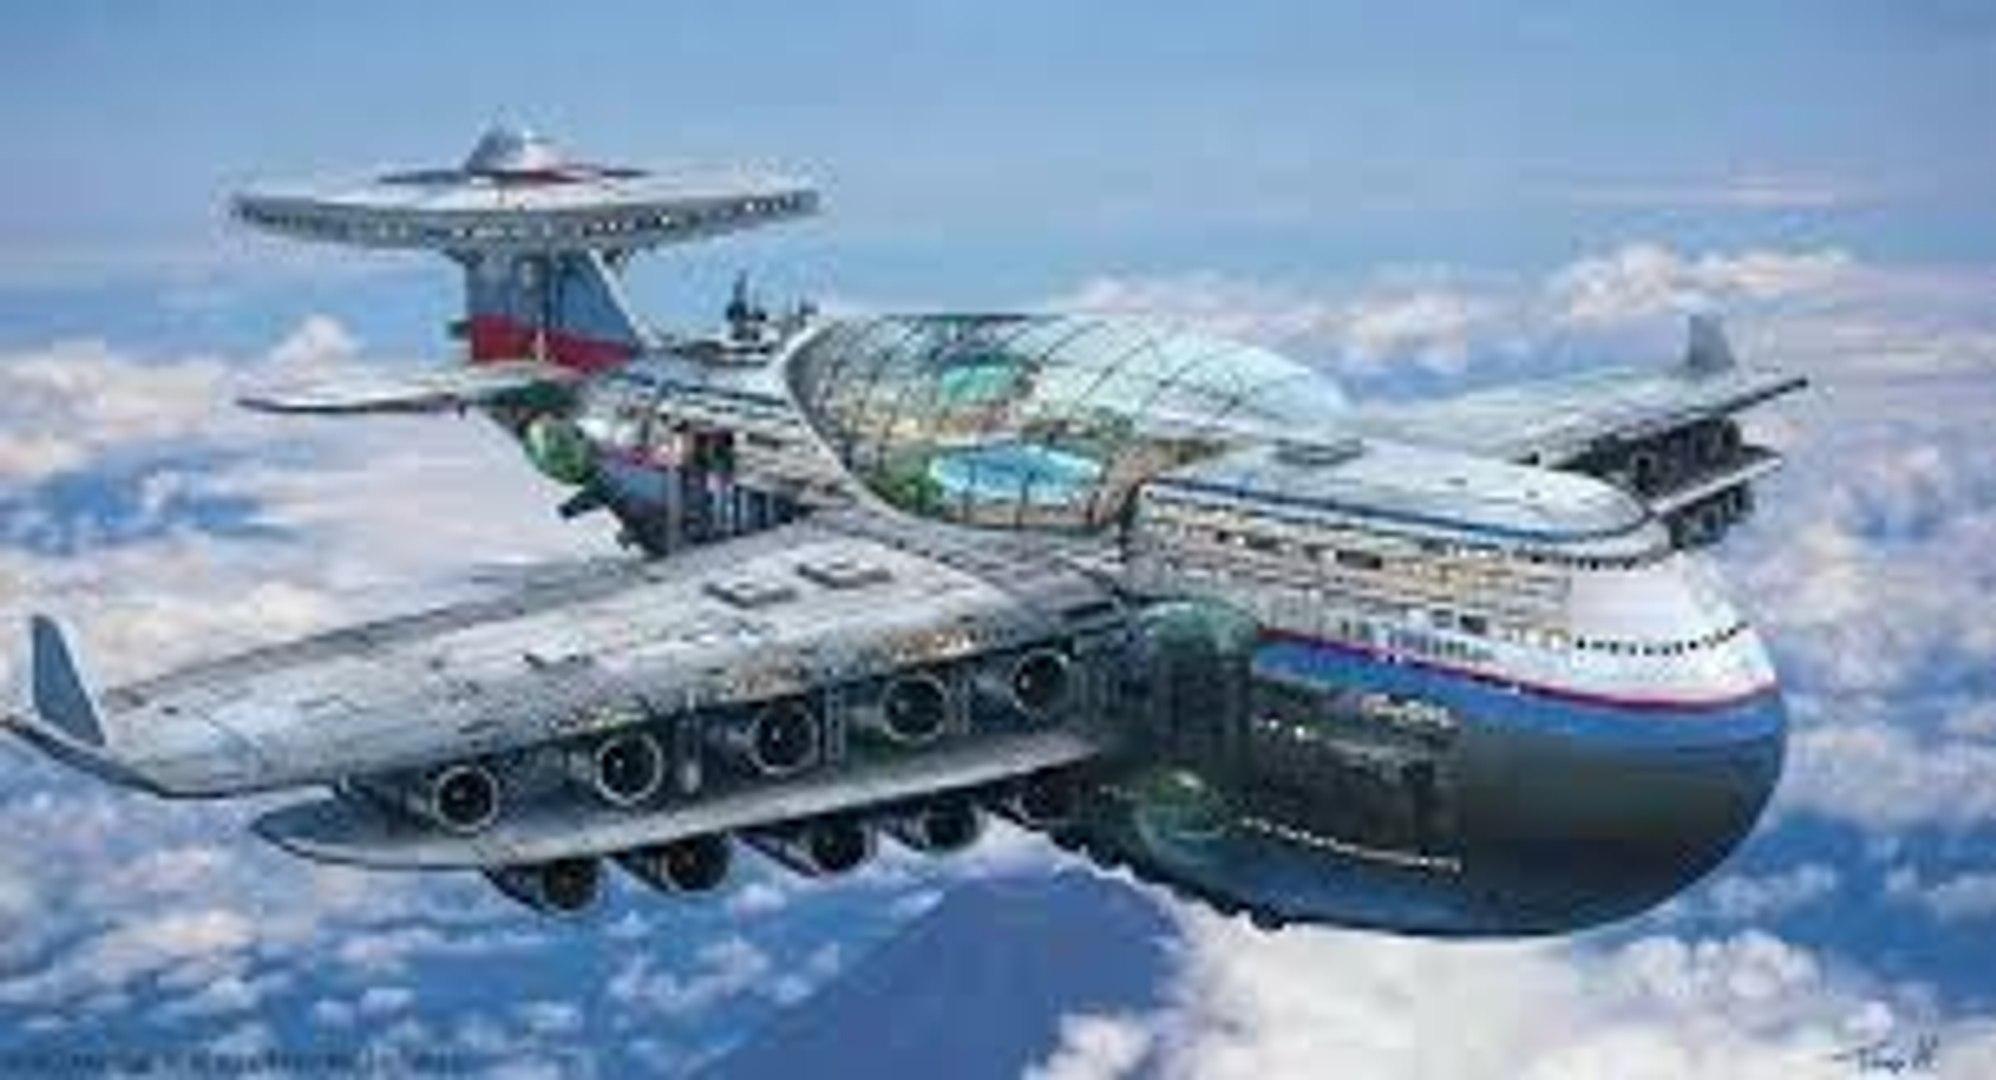 فيلم وثائقى عن اهم الطائرات الحربية للجيش الروسى